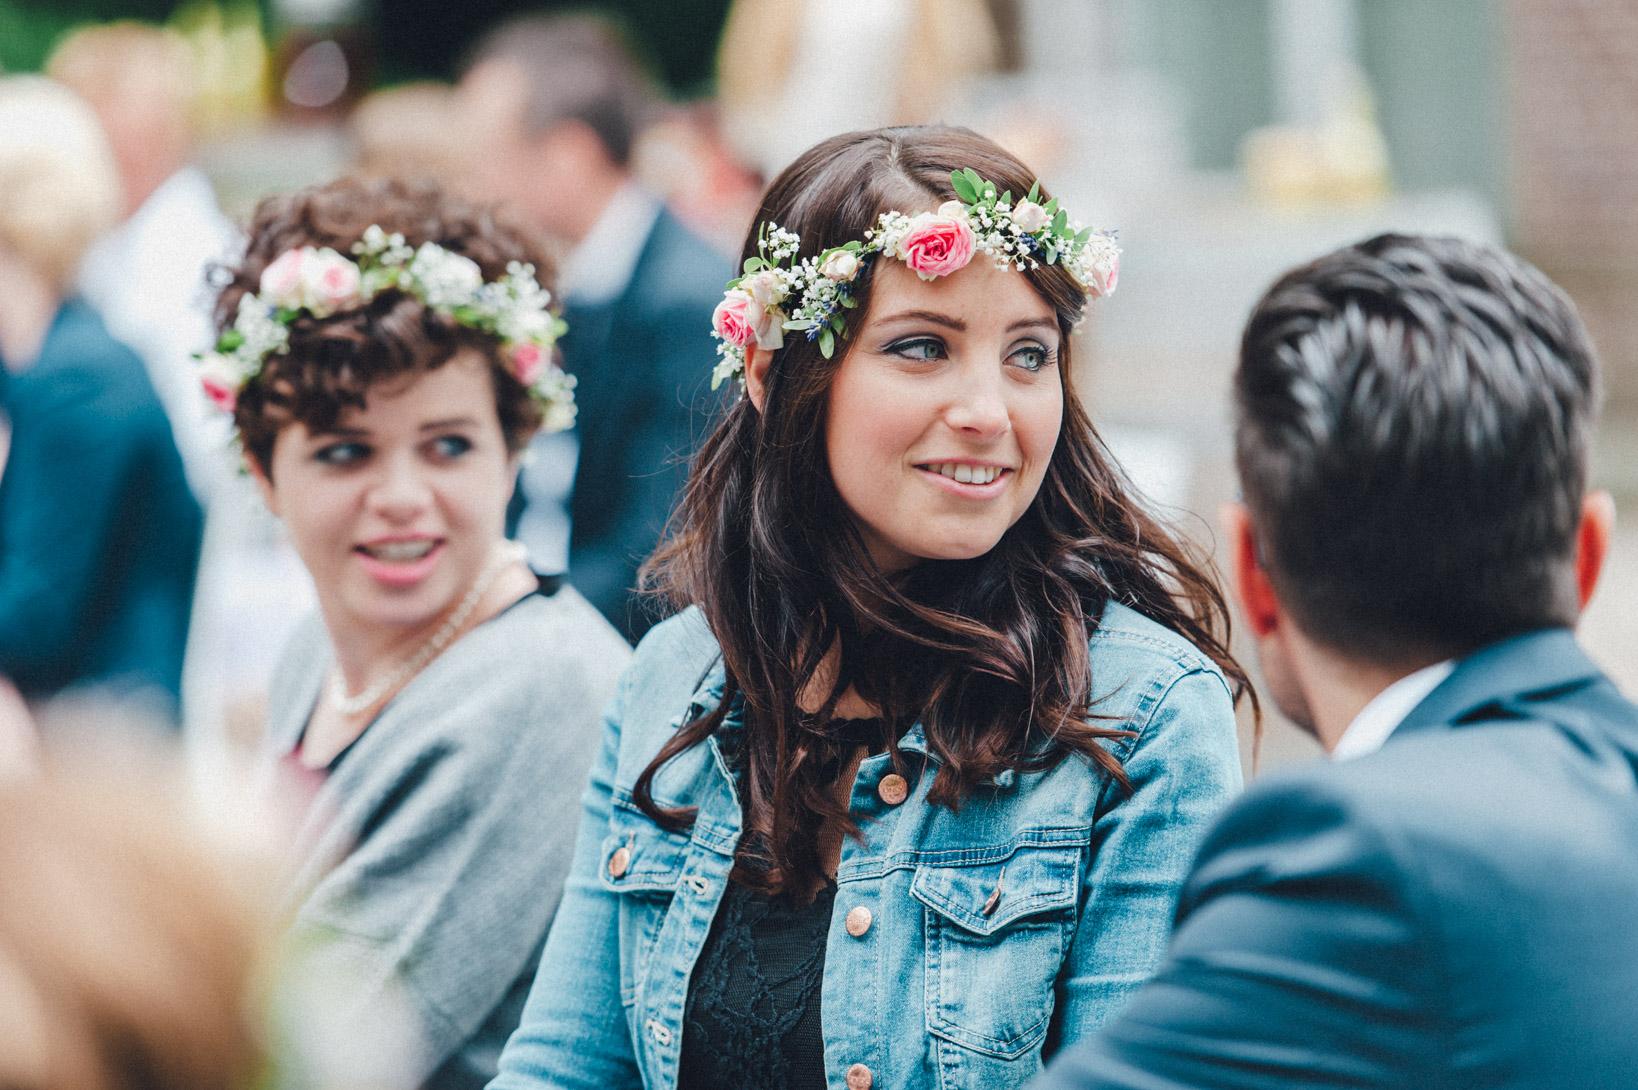 DIY-Hochzeit-gold-VW-Bully-55 Janet & Pierre DIY Midsummer-Wedding in Gold mit VW BulliDIY Hochzeit gold VW Bully 55